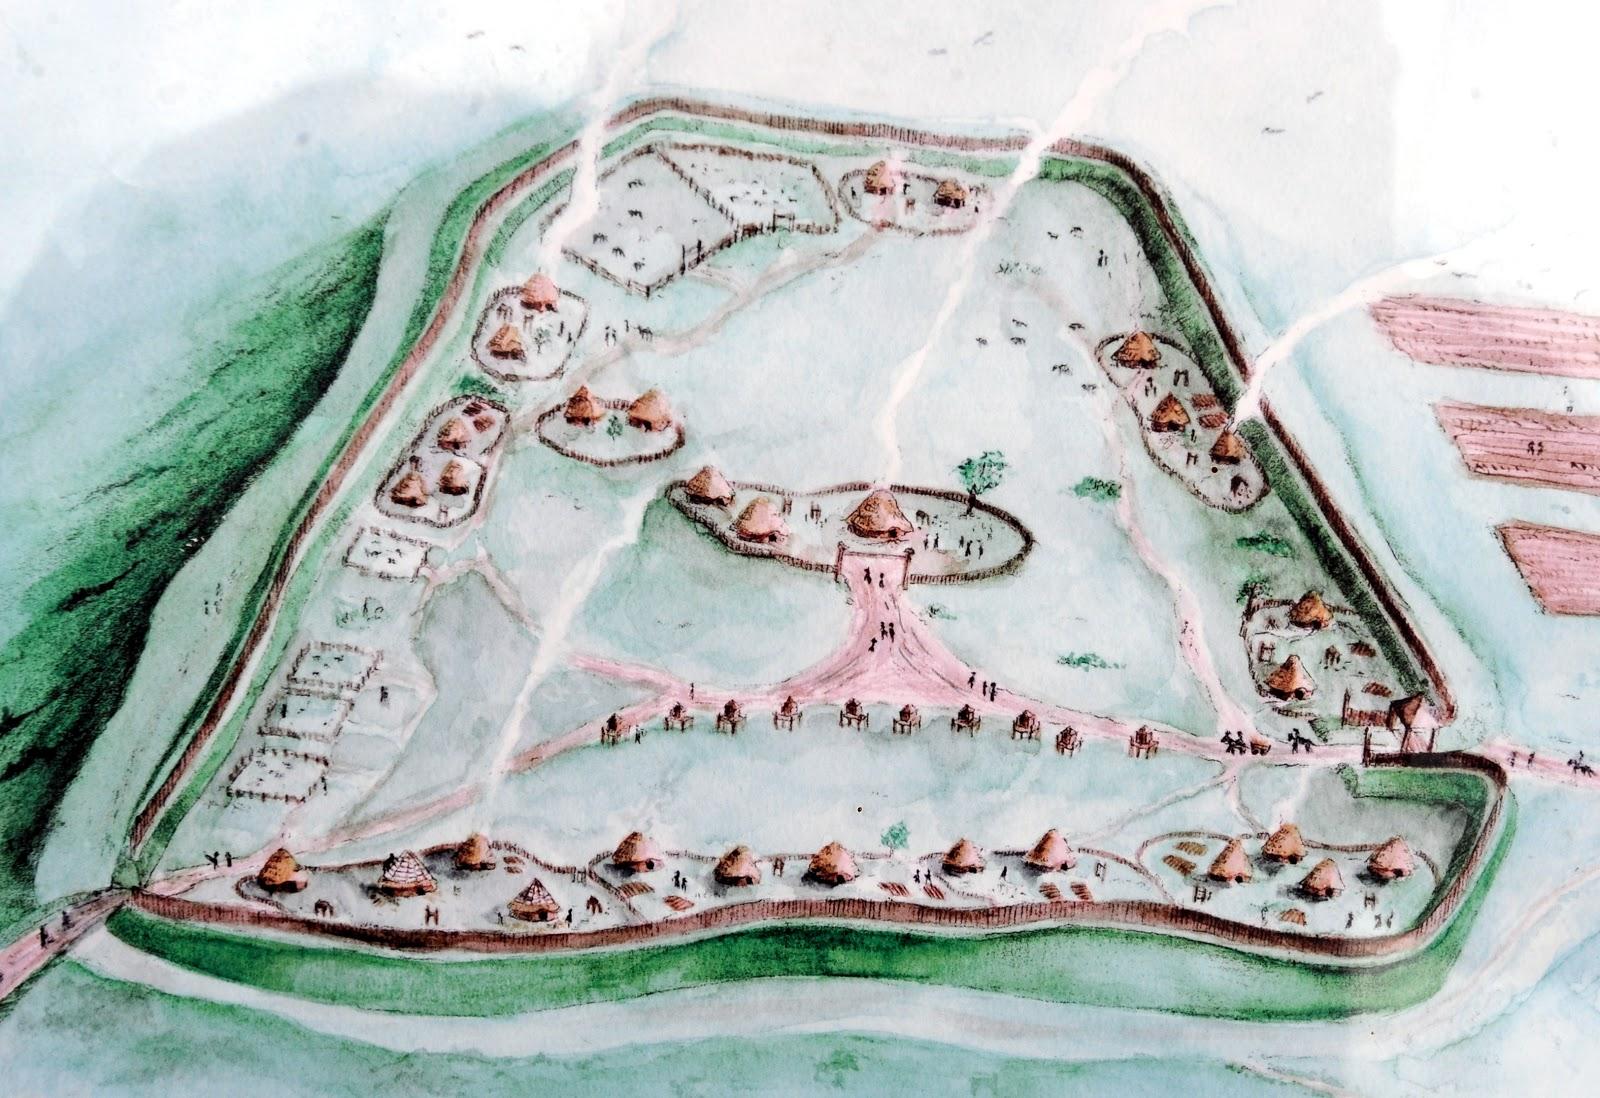 Burrough Hill settlement